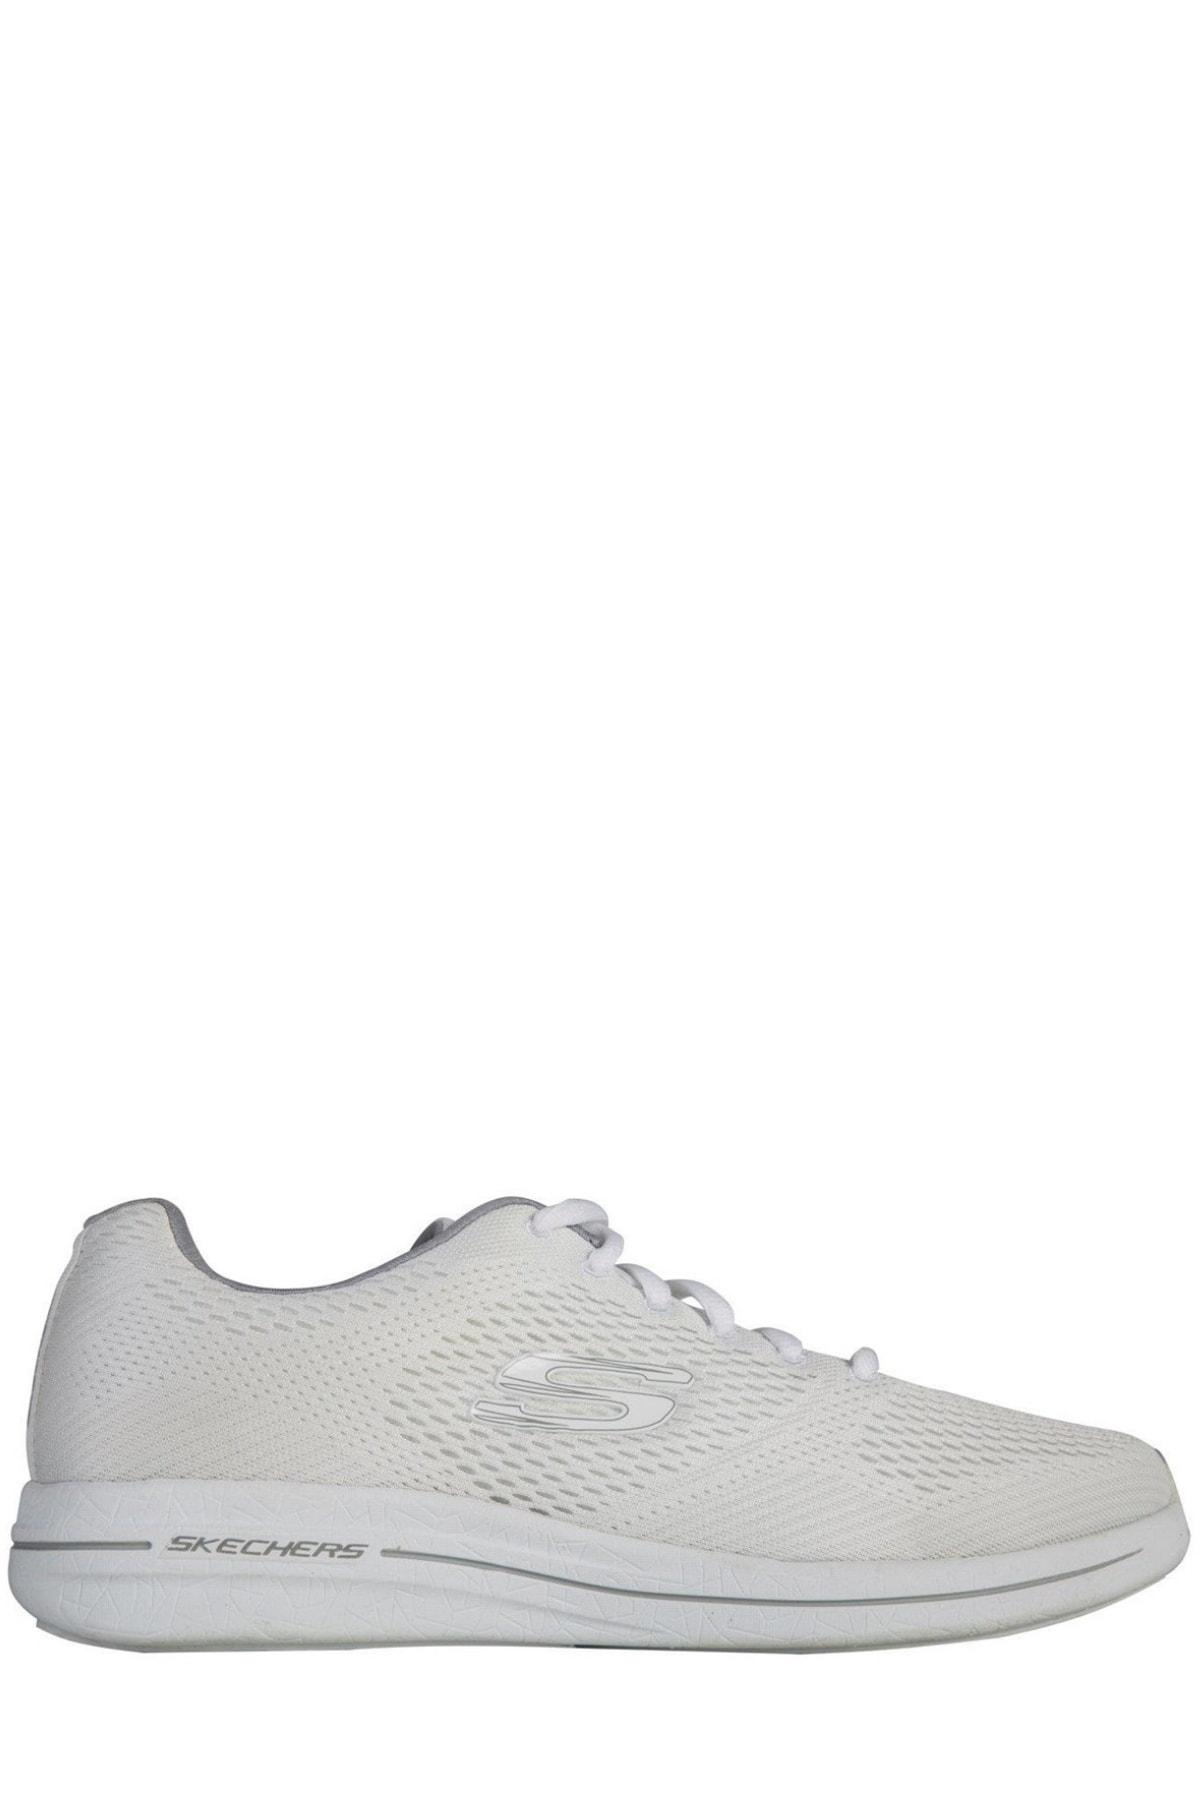 SKECHERS BURST 2.0- OUT OF RANGE Erkek Beyaz Spor Ayakkabı 1